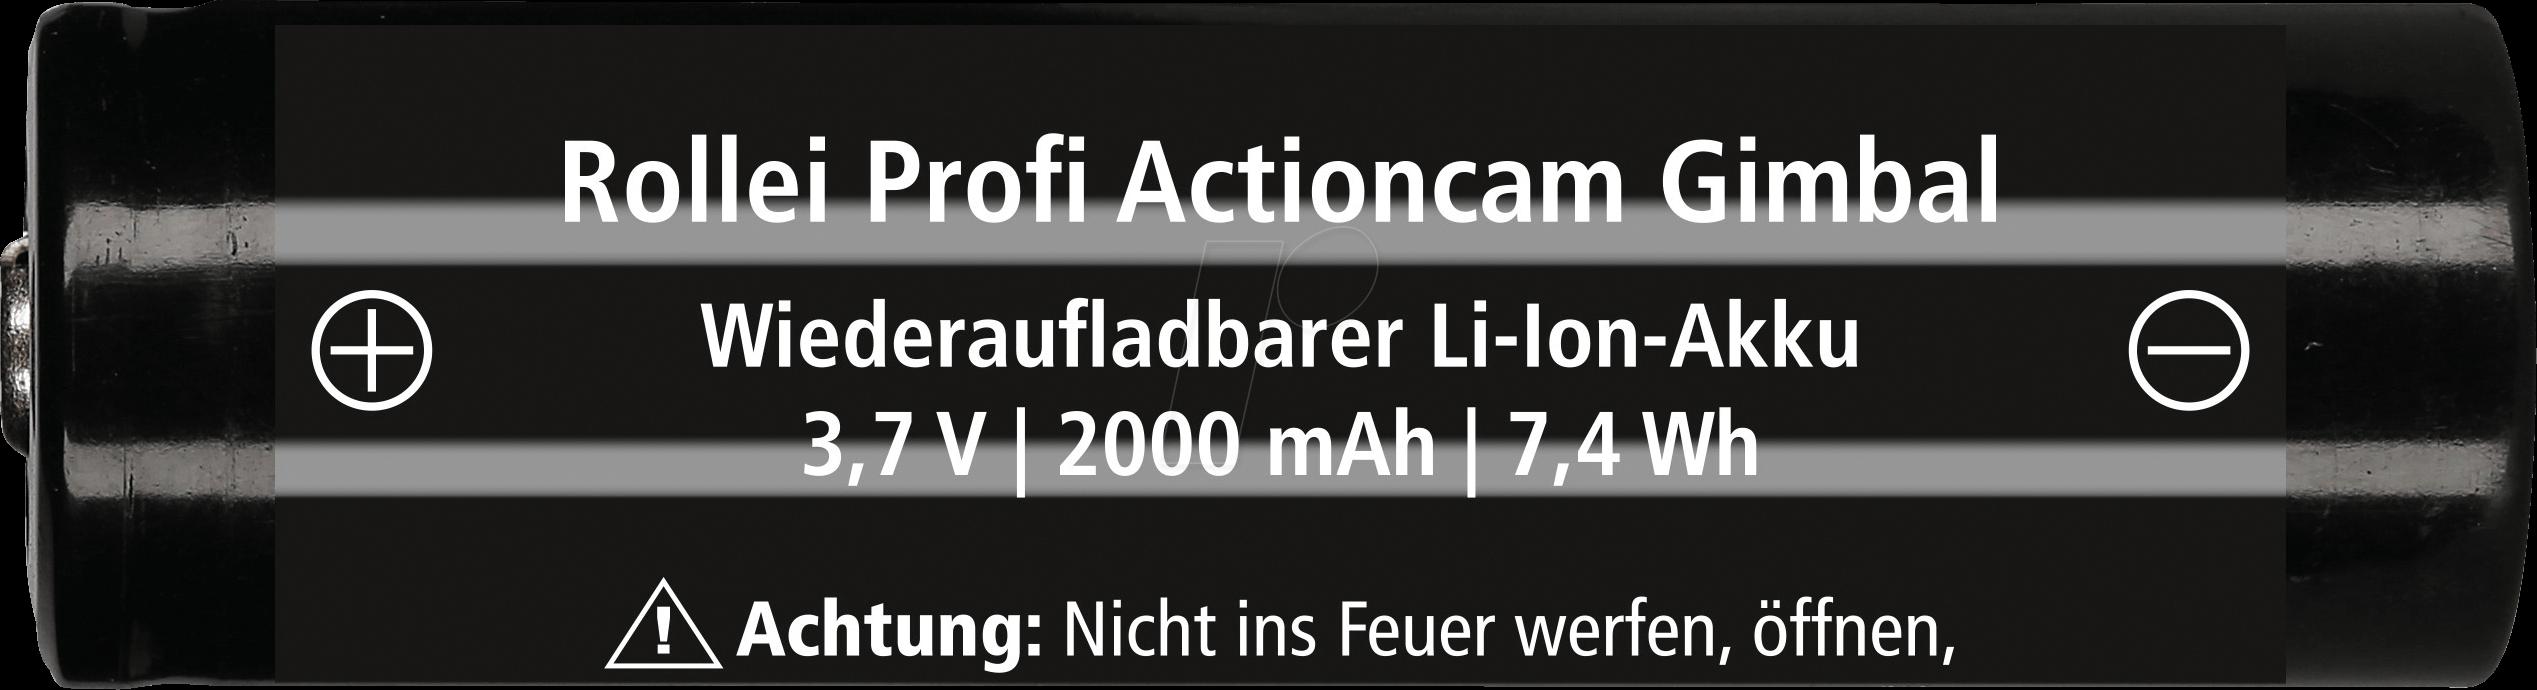 https://cdn-reichelt.de/bilder/web/xxl_ws/E910/ROLLEI_22643_18.png